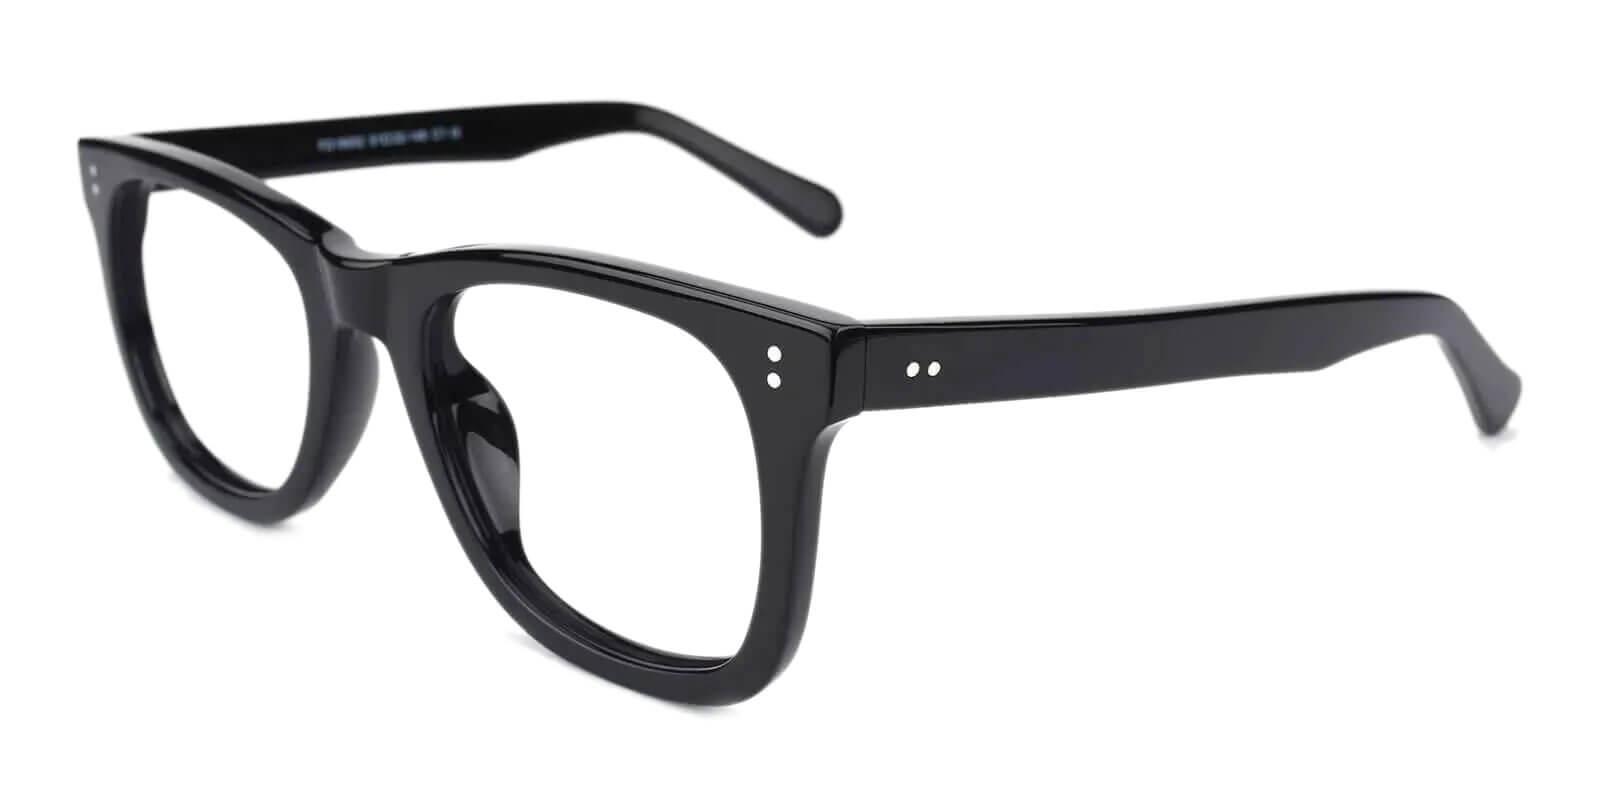 Dean Black Acetate Eyeglasses , UniversalBridgeFit Frames from ABBE Glasses